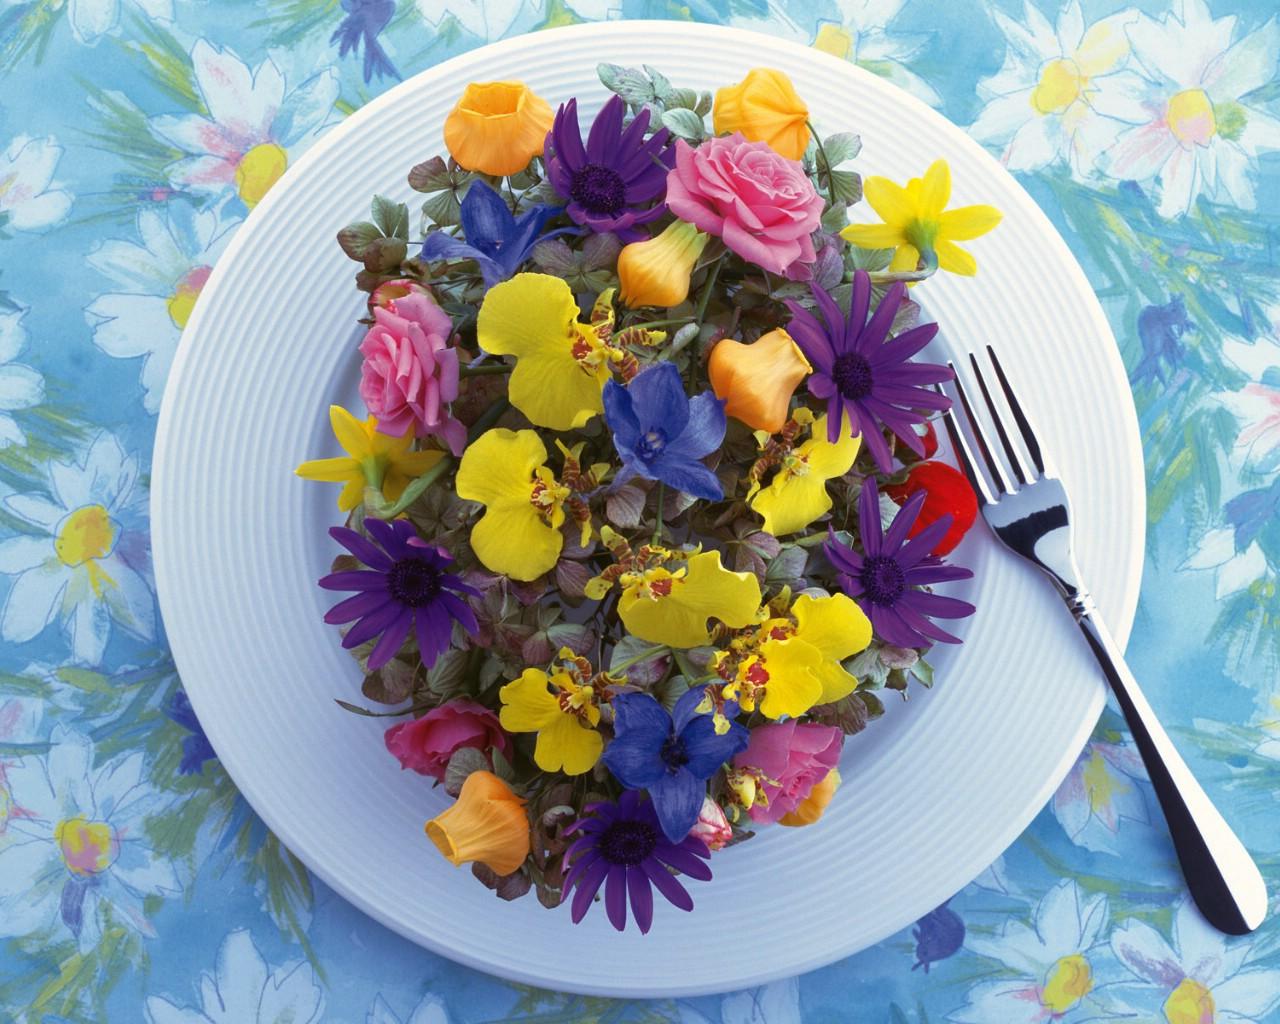 壁纸1280×1024花艺大餐 2 16壁纸 花艺大餐壁纸图片花卉壁纸花卉图片素材桌面壁纸